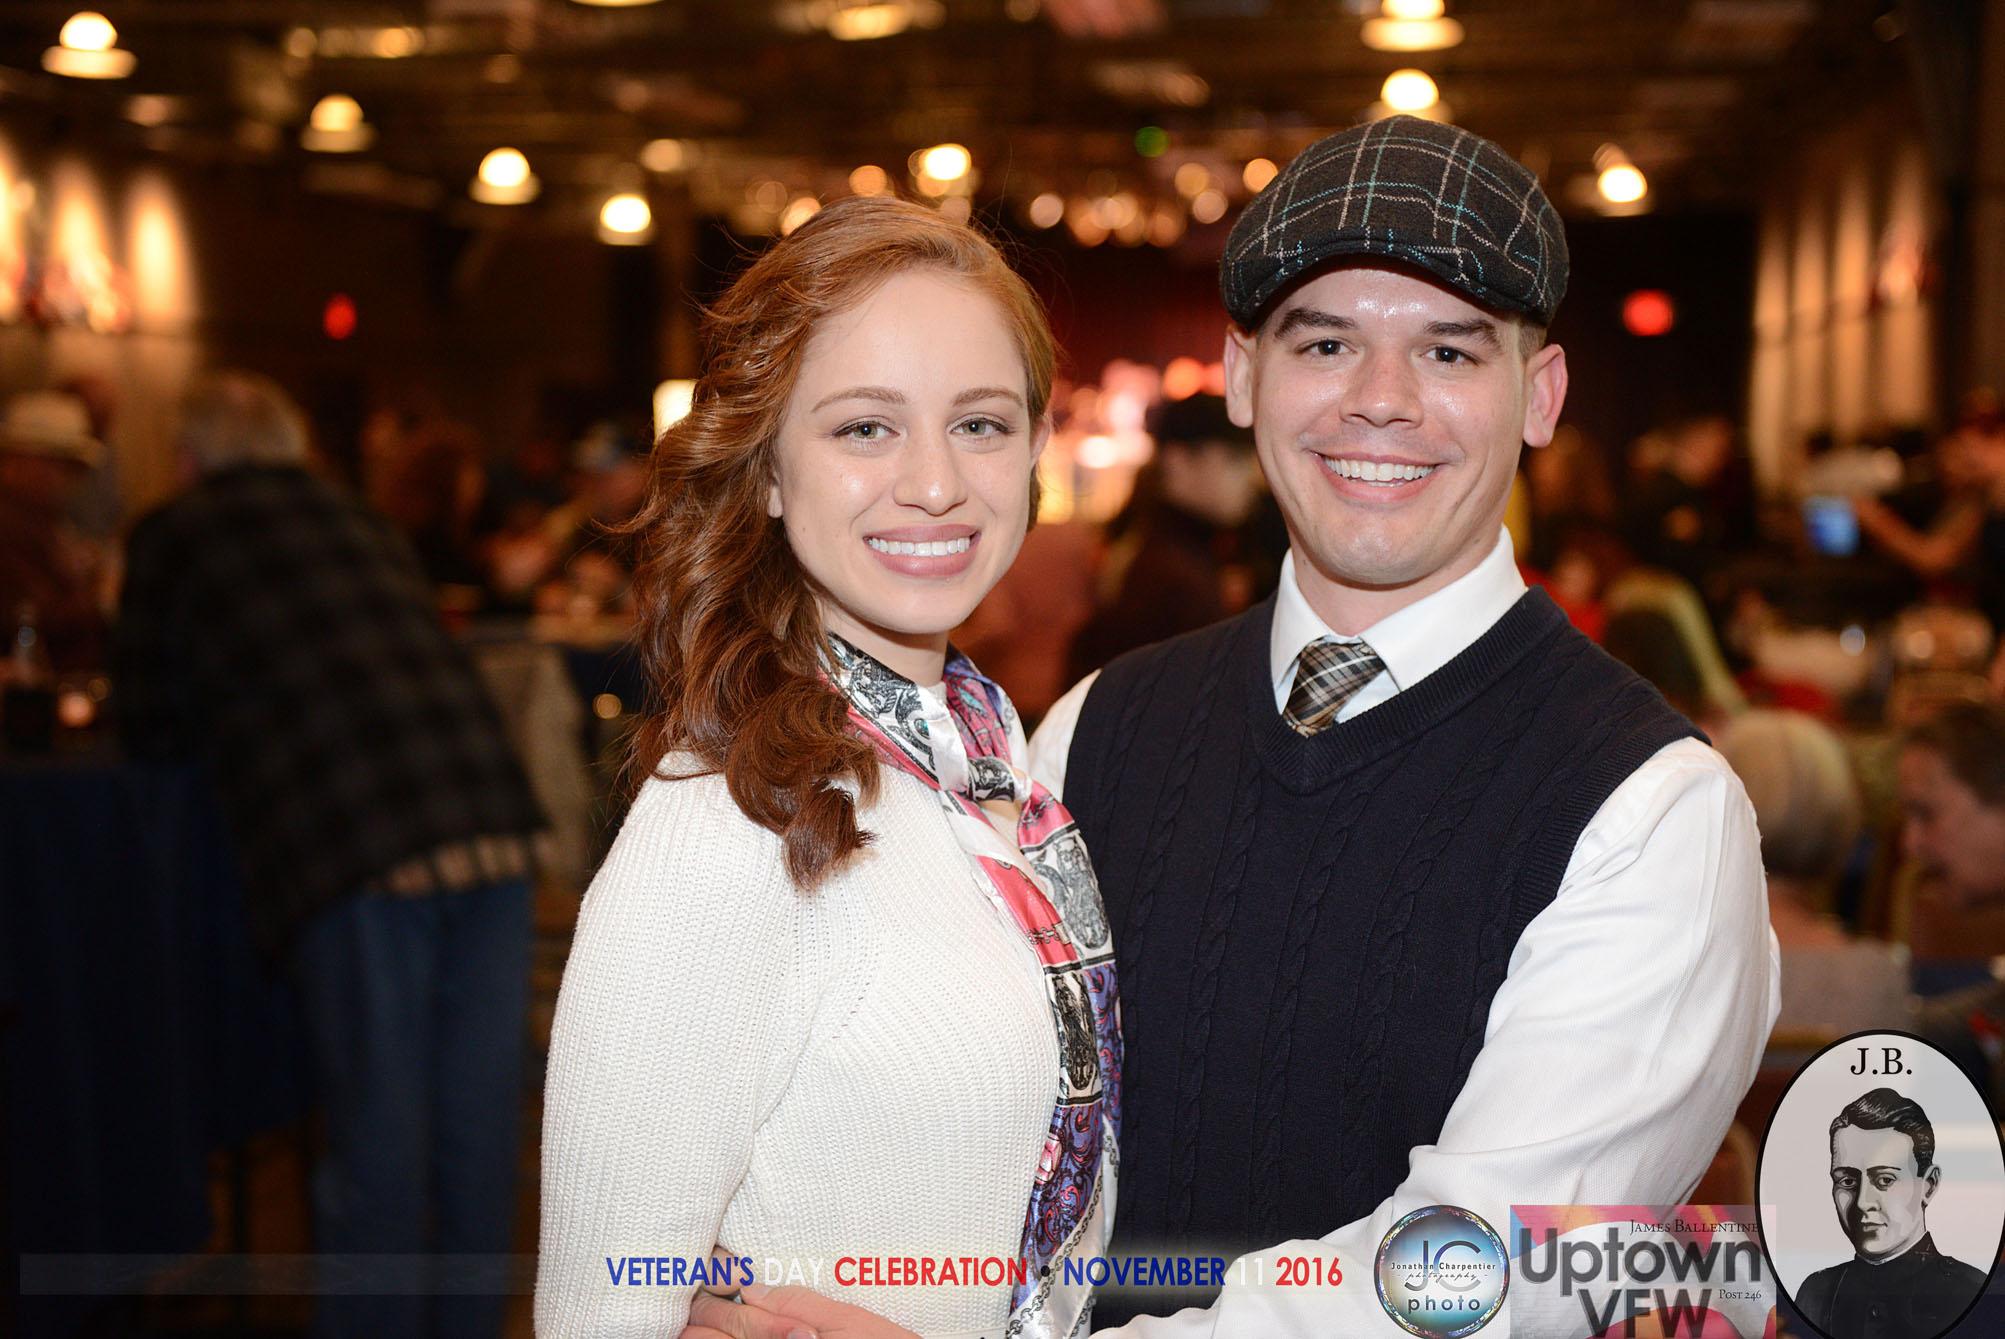 jb-veterans-day-couple-portrait-2